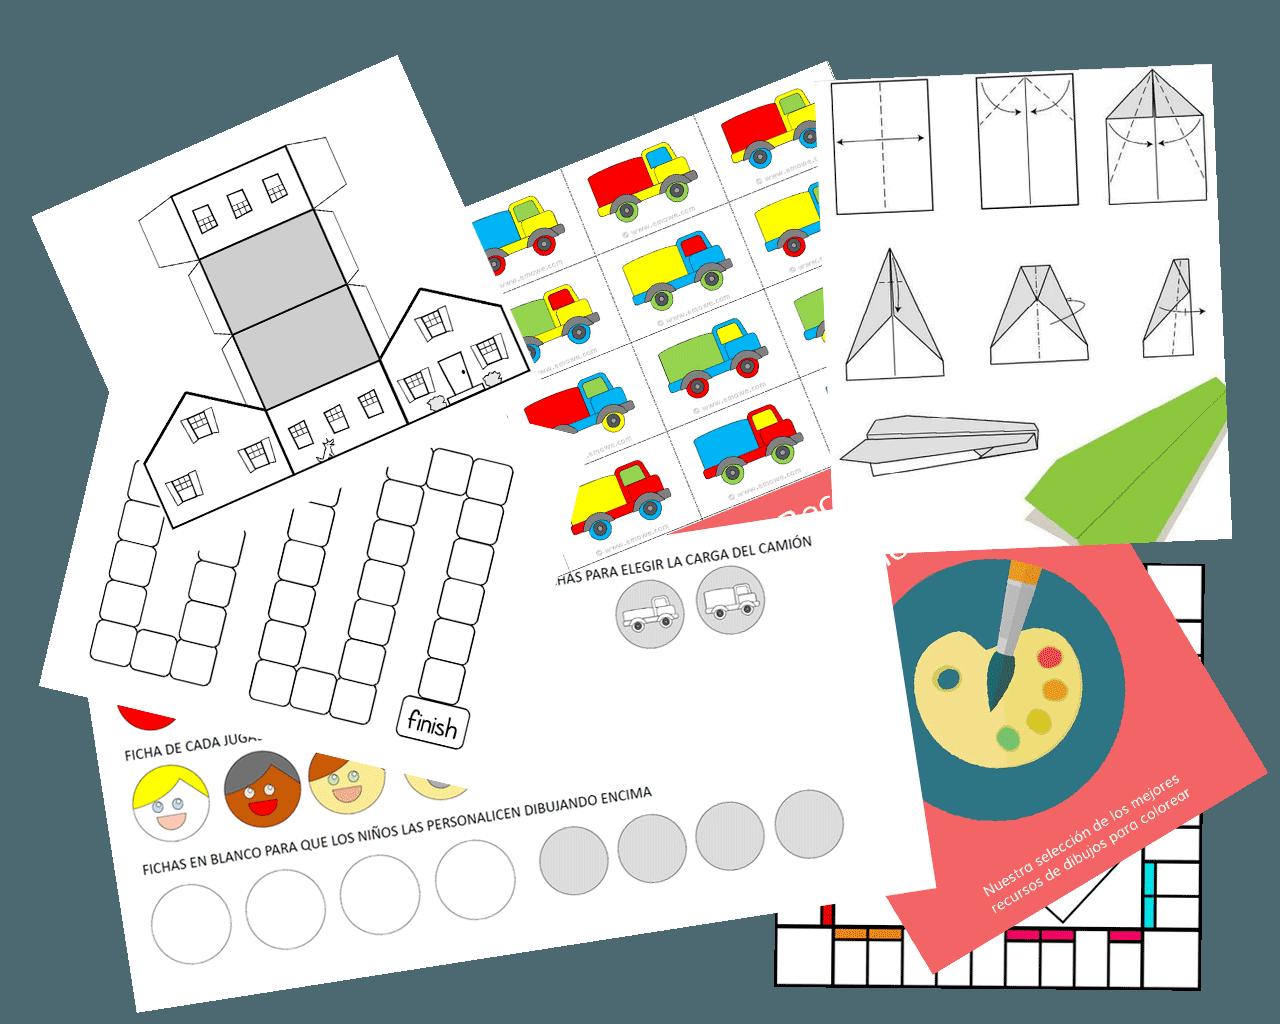 Kit iniciación para estimular jugando a tus hijos | emowe: aprendizaje